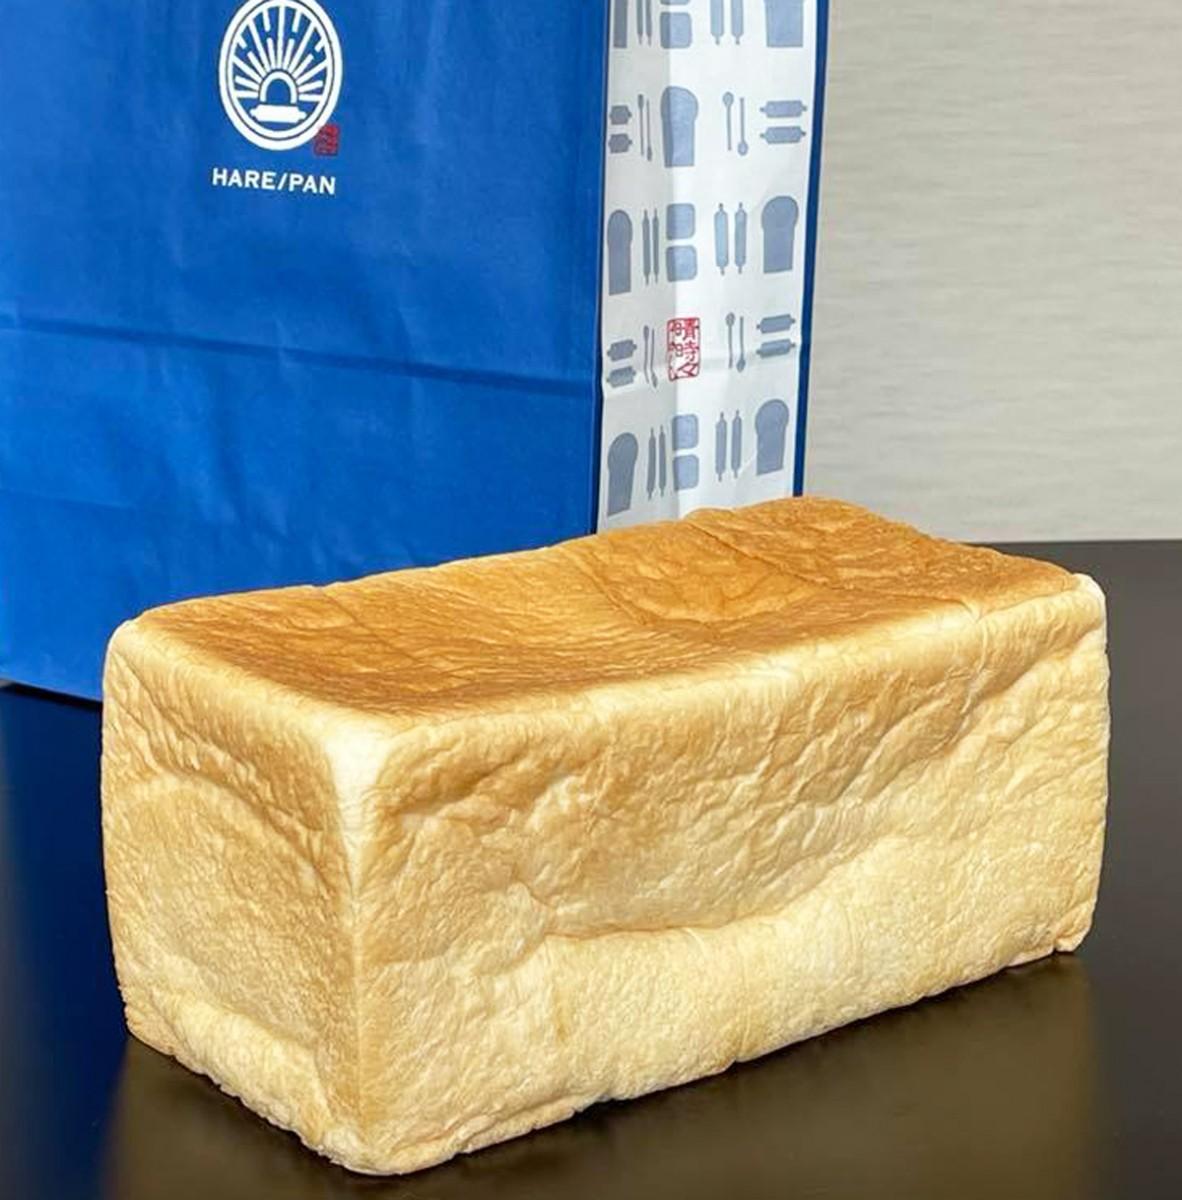 生食パン「ハレパン」(2斤)864円